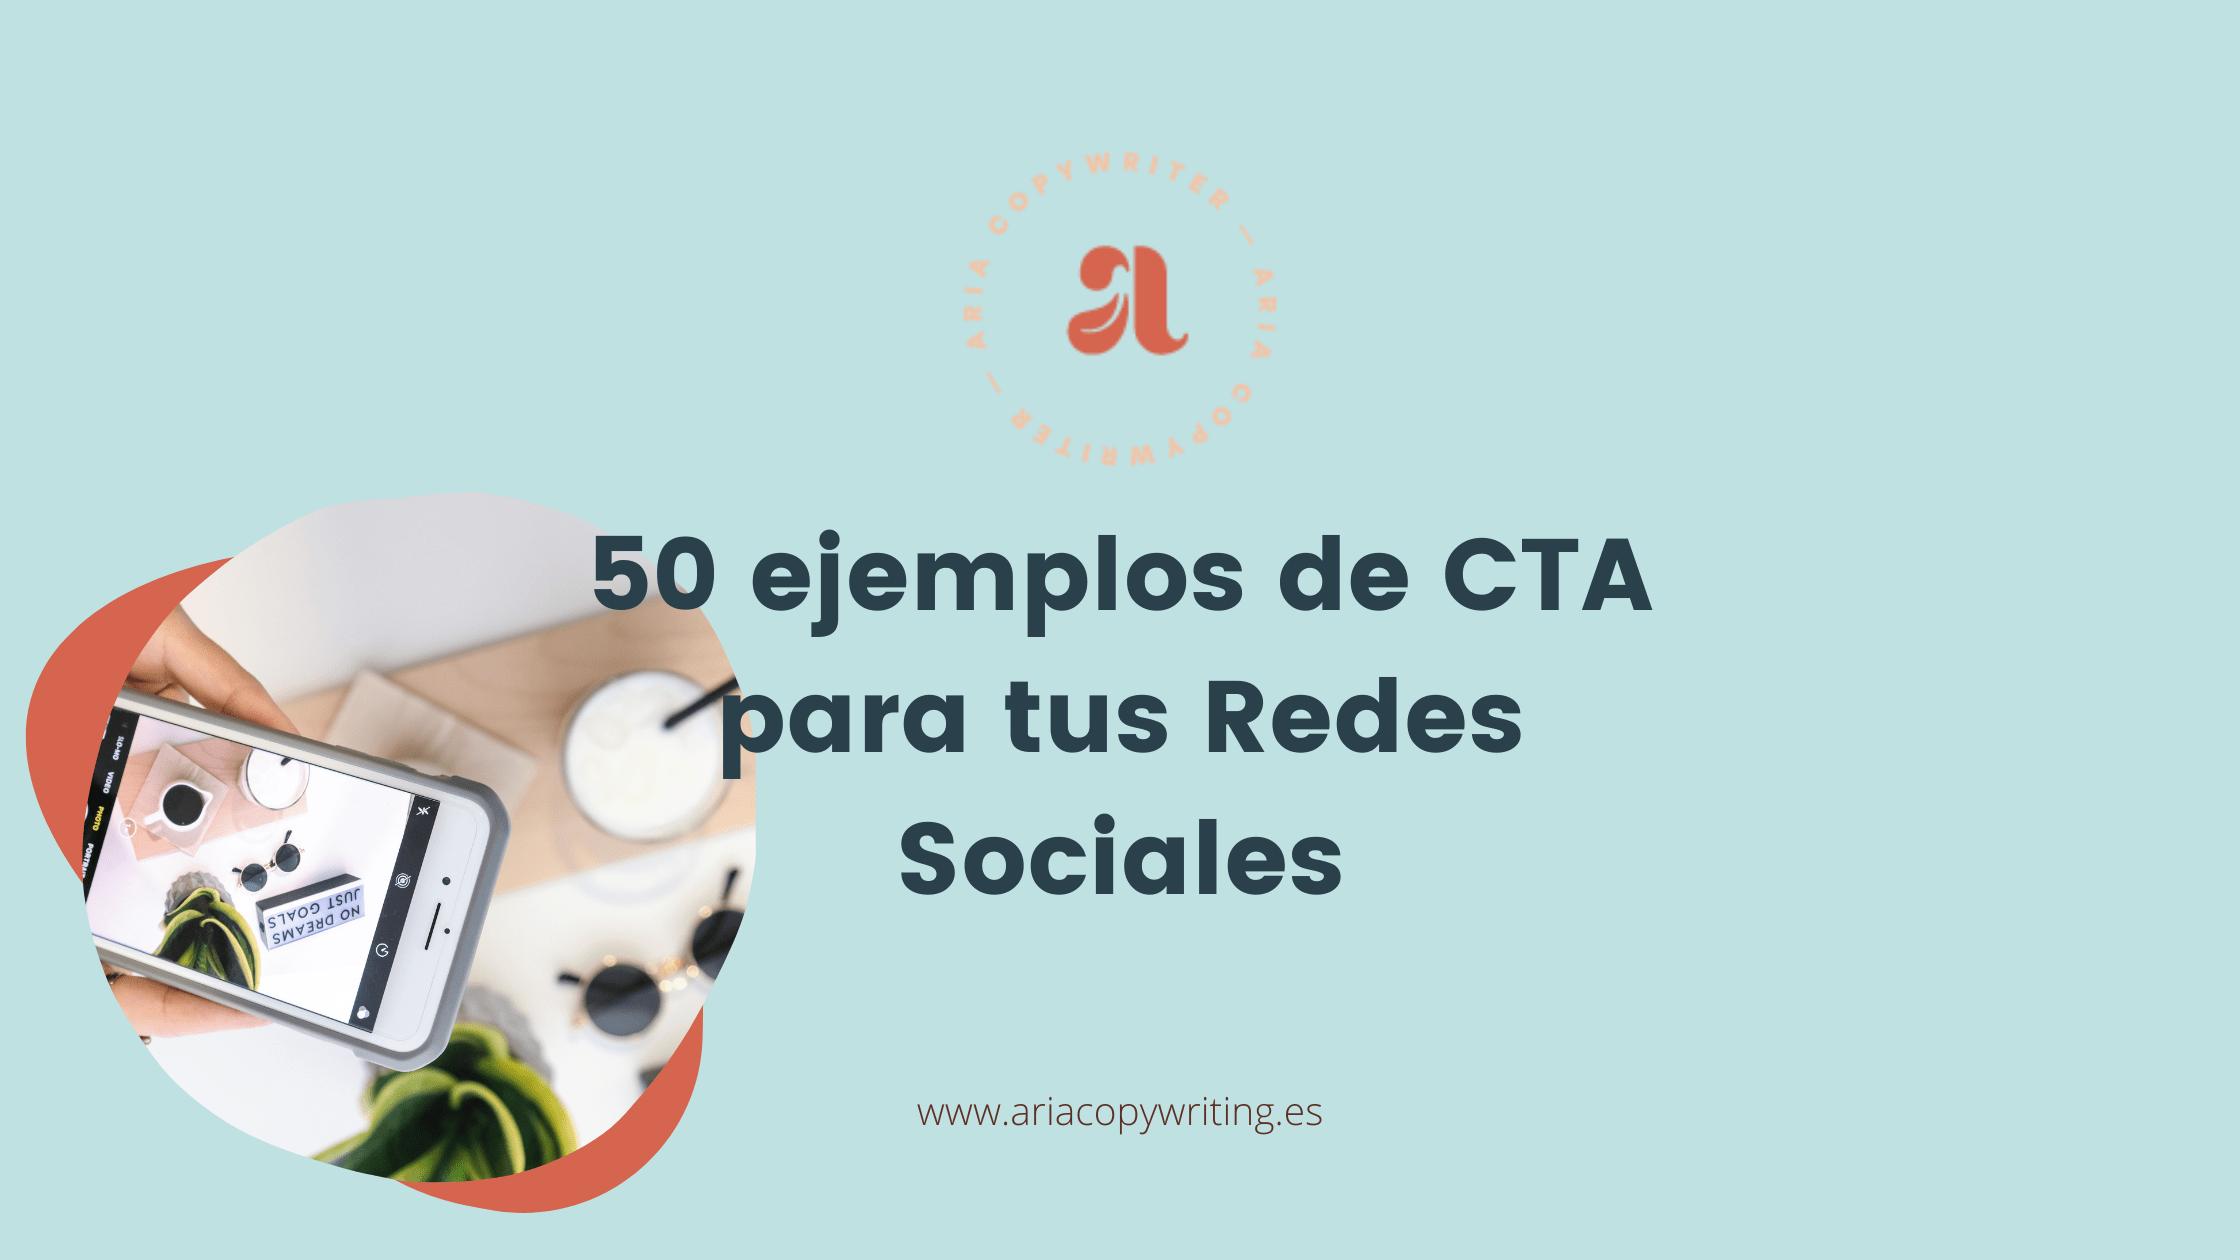 50 ejemplos de CTA para tus Redes Sociales 1 1